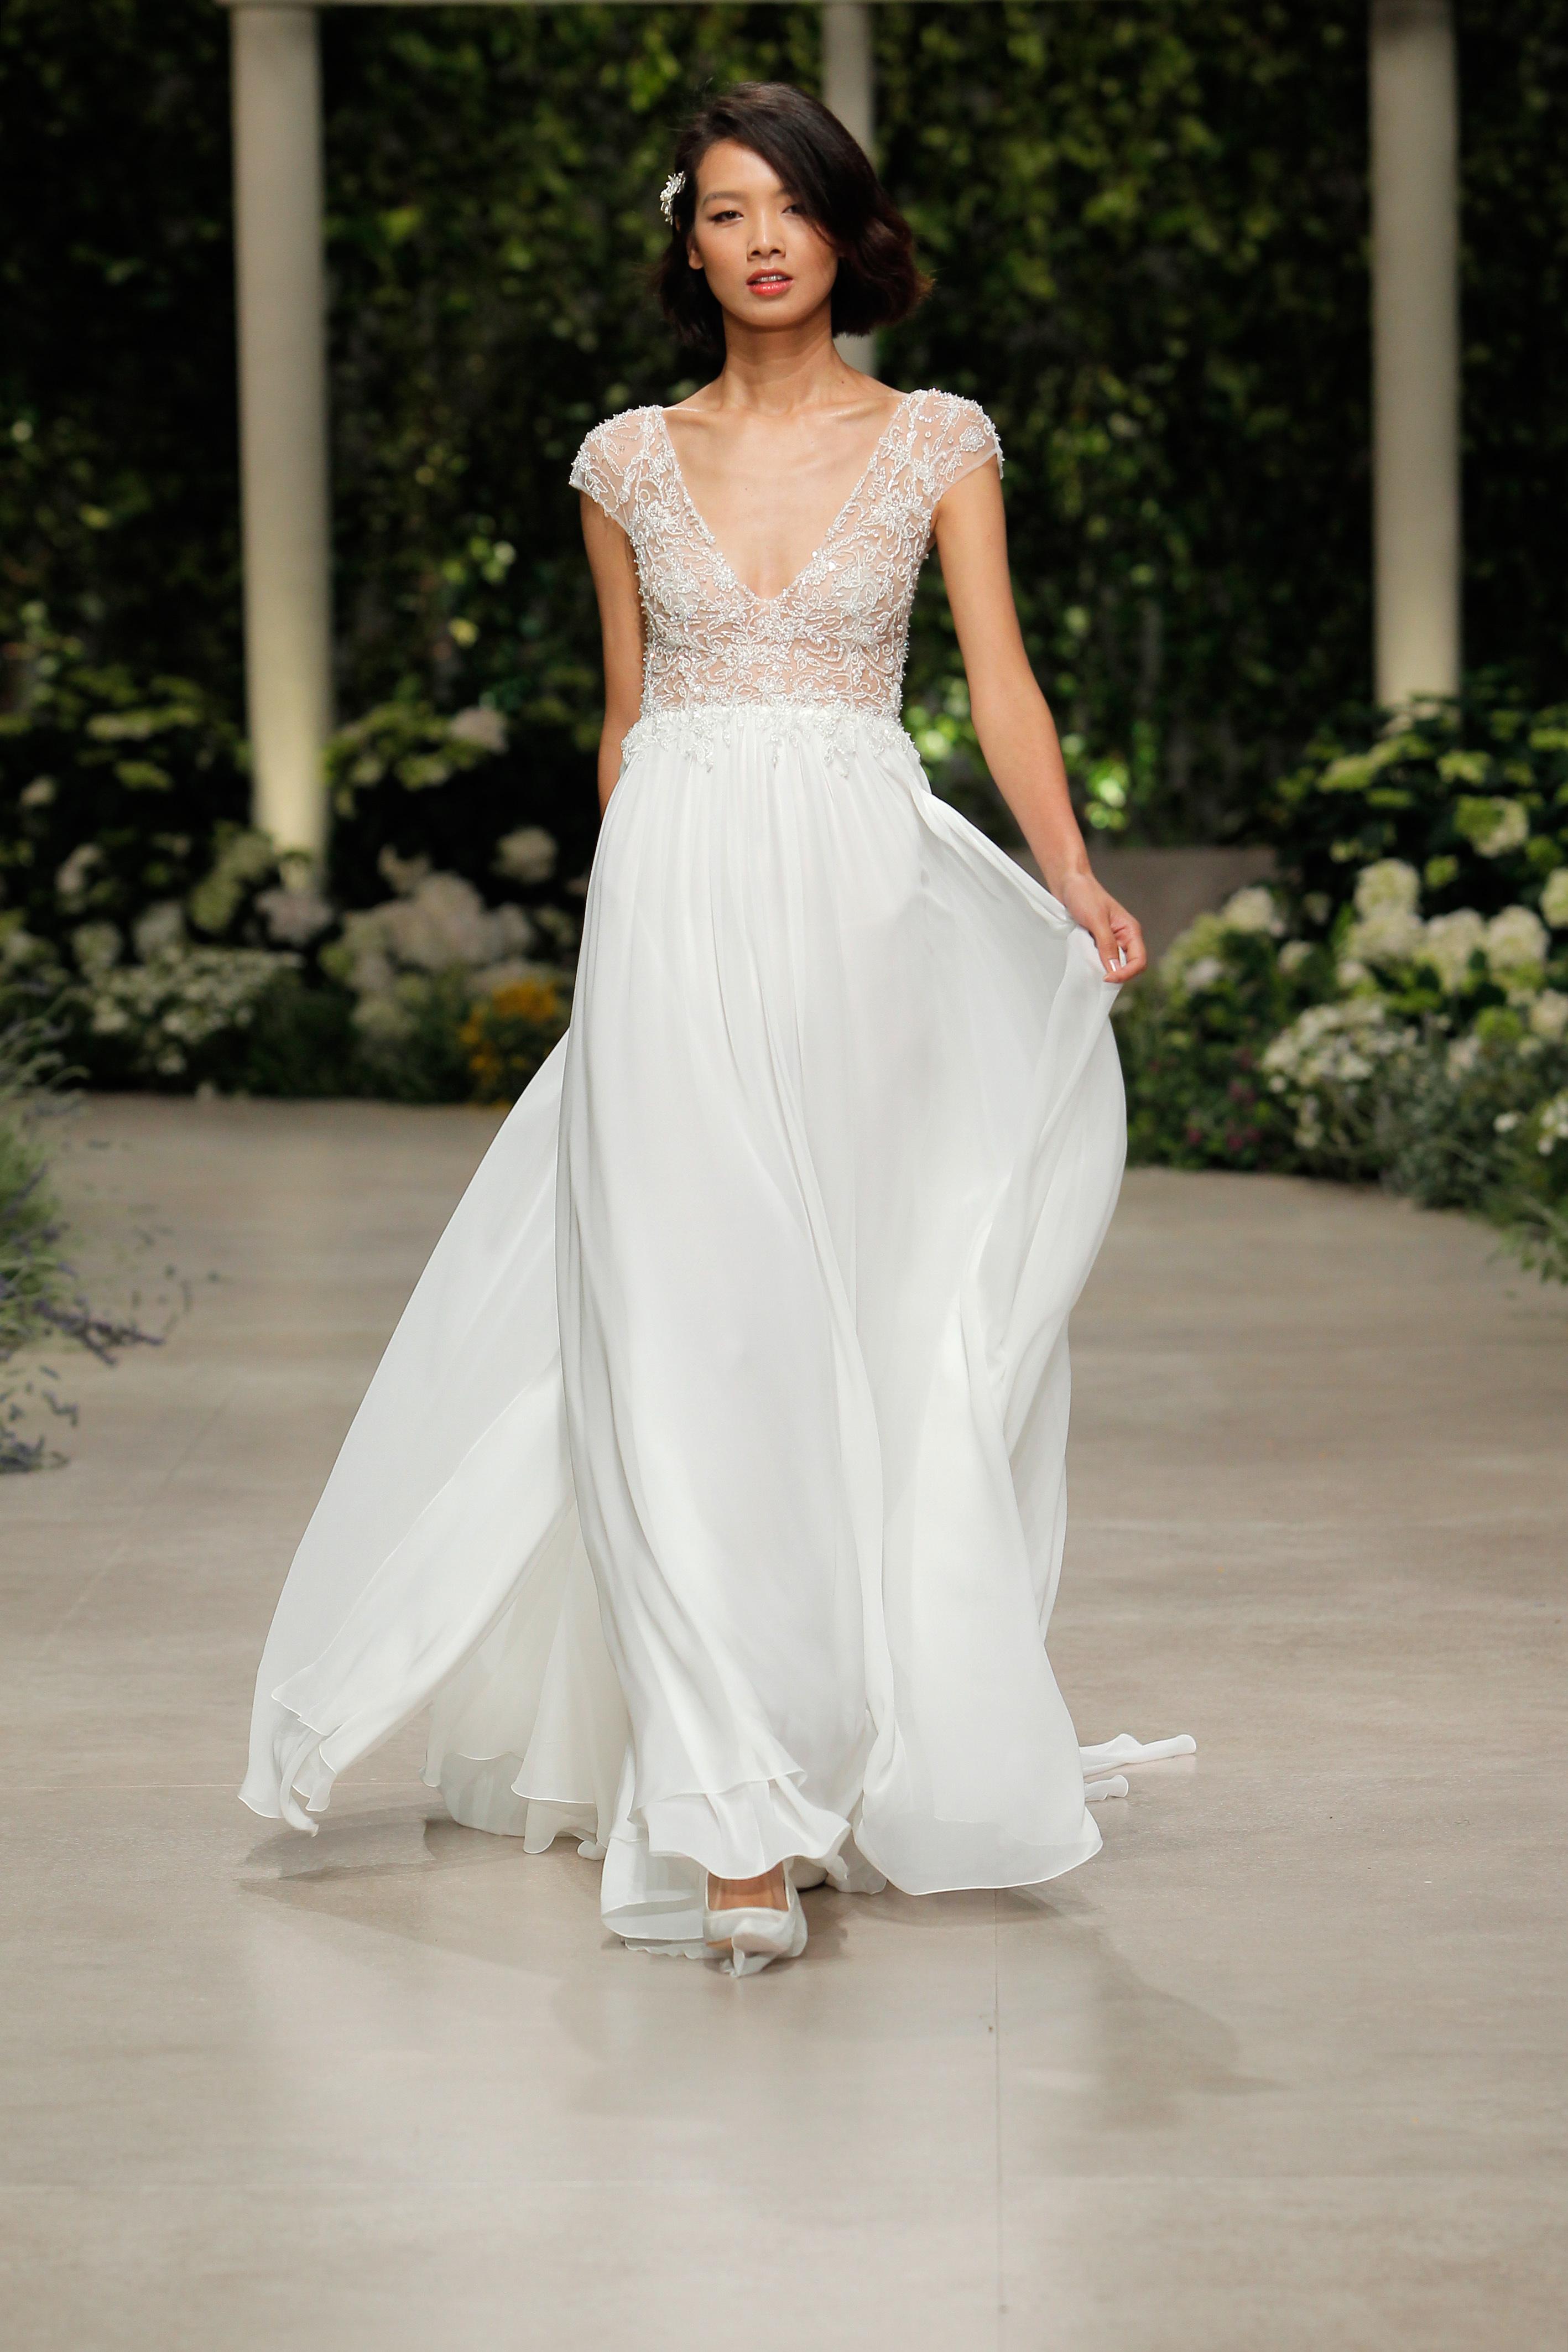 pronovias wedding dress spring 2019 cap sleeve v-neck lace